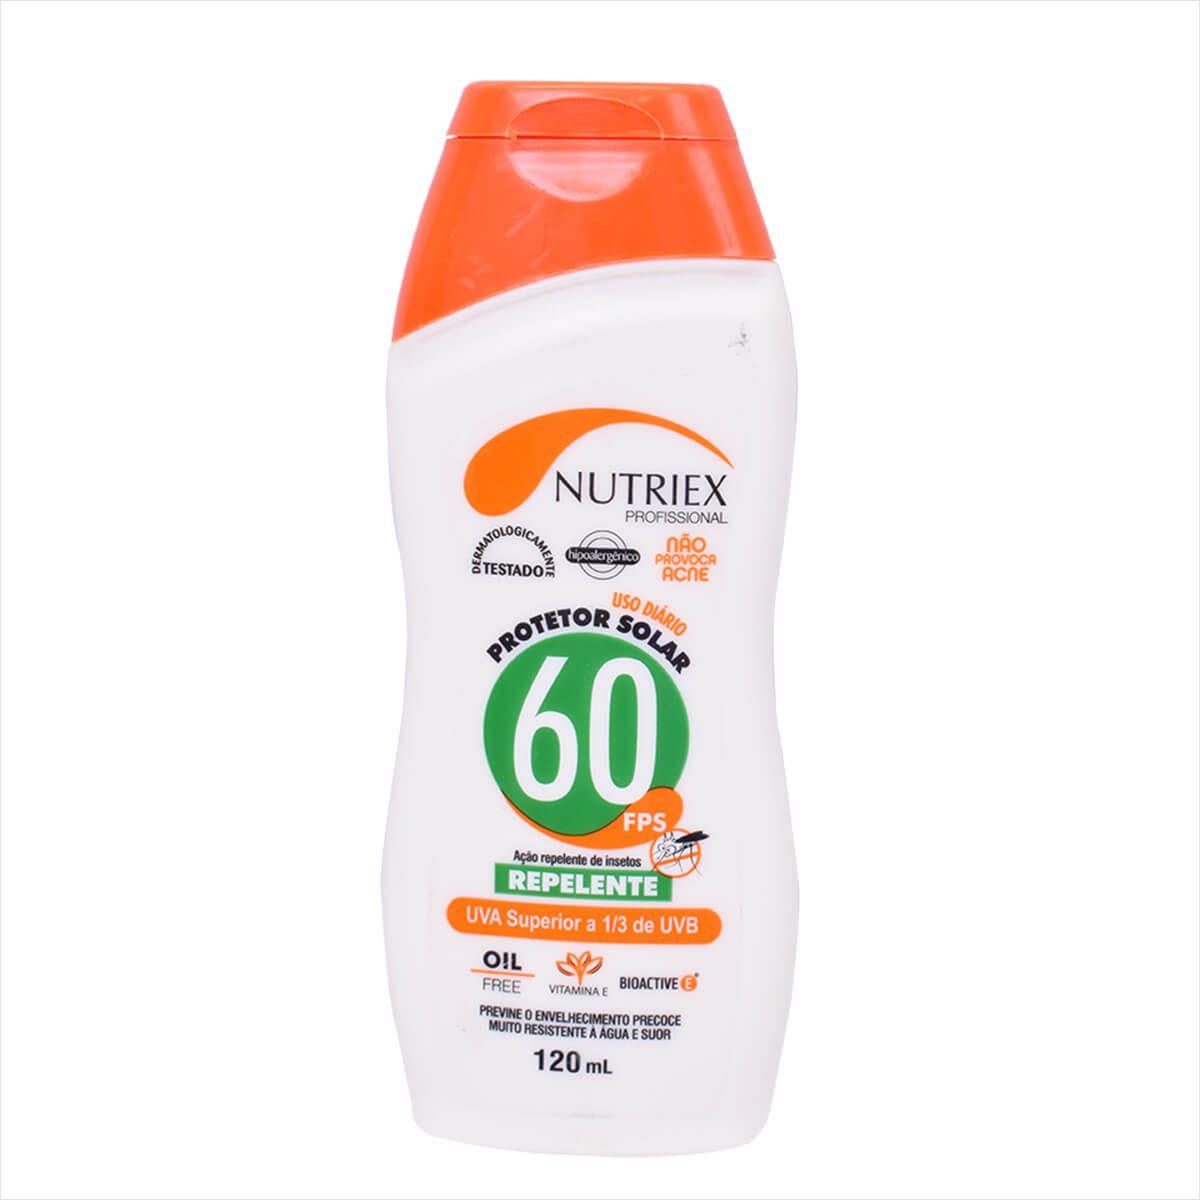 Protetor Solar Nutriex Fps 60 Com Repelente Bisnaga 120g